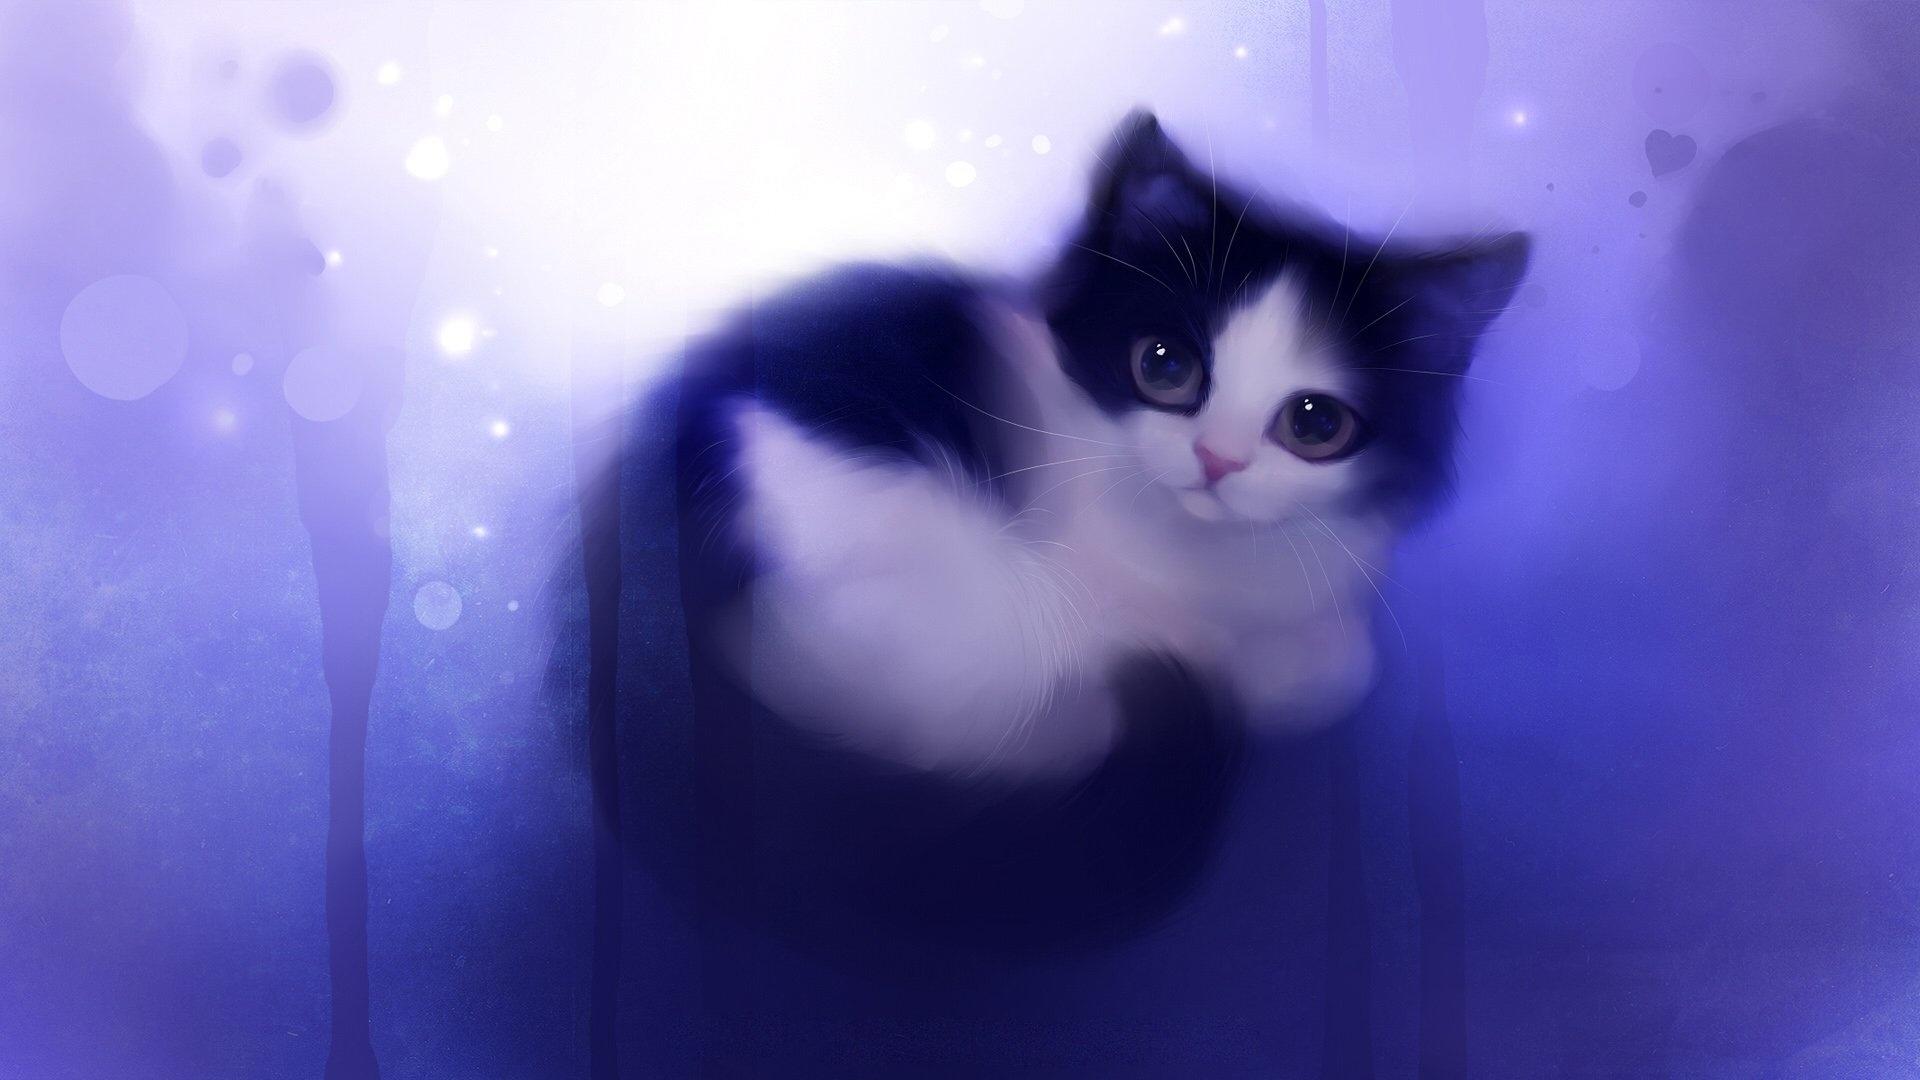 Drawn Cats Wallpaper theme